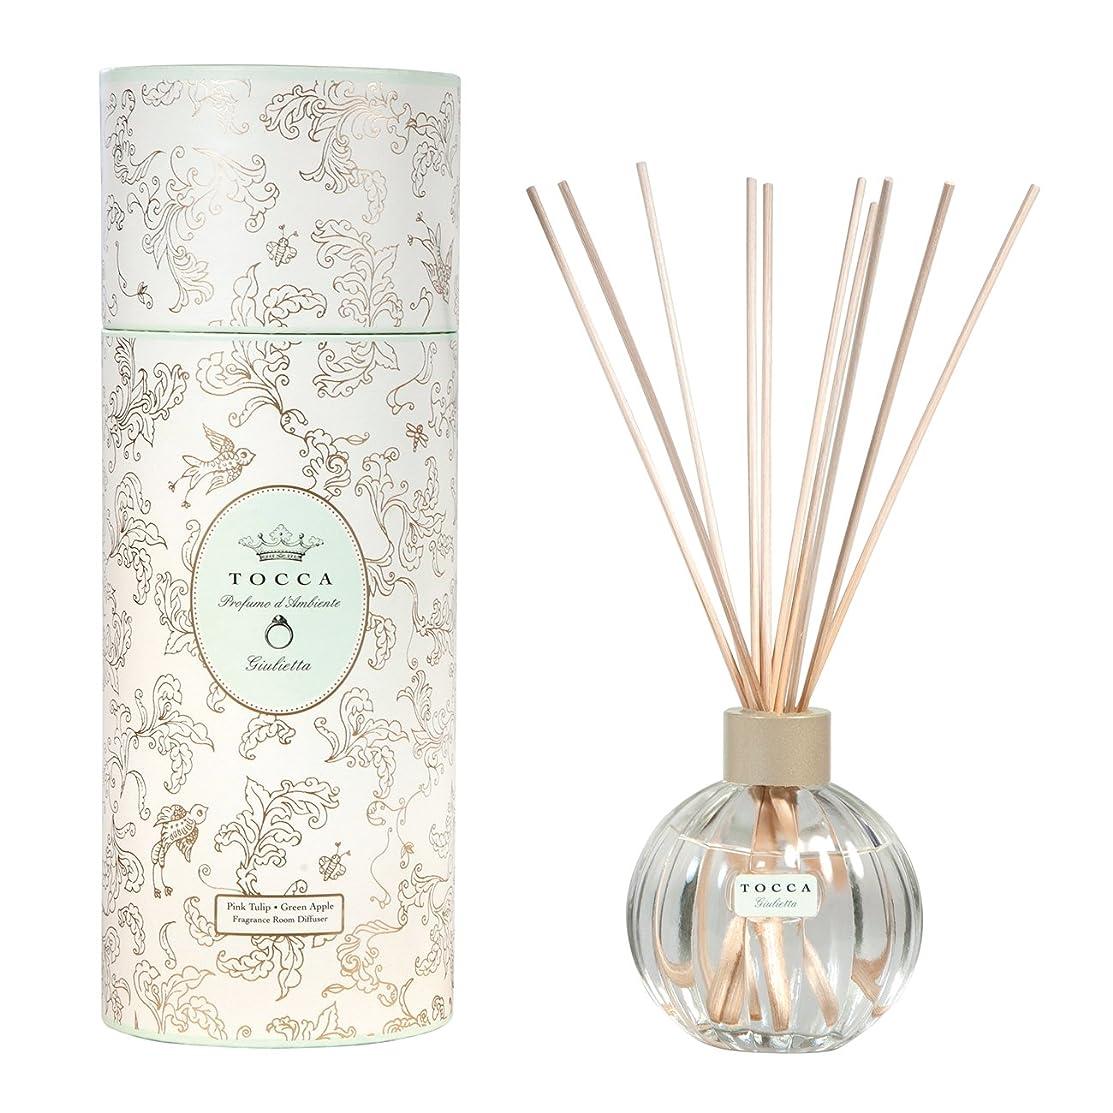 会議フィールドアジャトッカ(TOCCA) リードディフューザー ジュリエッタの香り 175ml 3~4ヶ月持続(芳香剤 ルームフレグランス ピンクチューリップとグリーンアップルの爽やかで甘い香り)